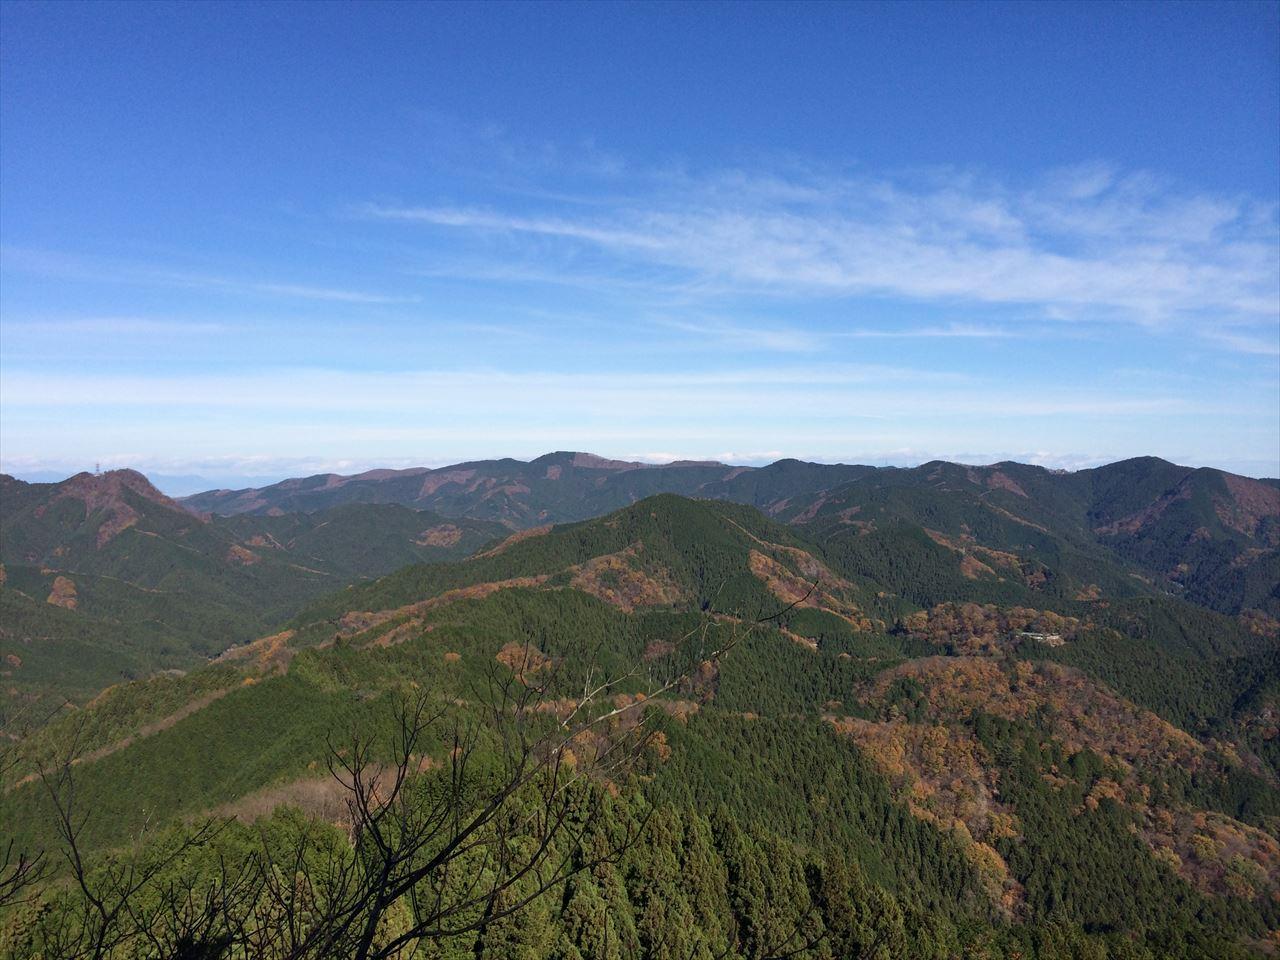 伊豆ヶ岳 登山 男盛りに男坂、男勝りも男坂(2015.11.29)